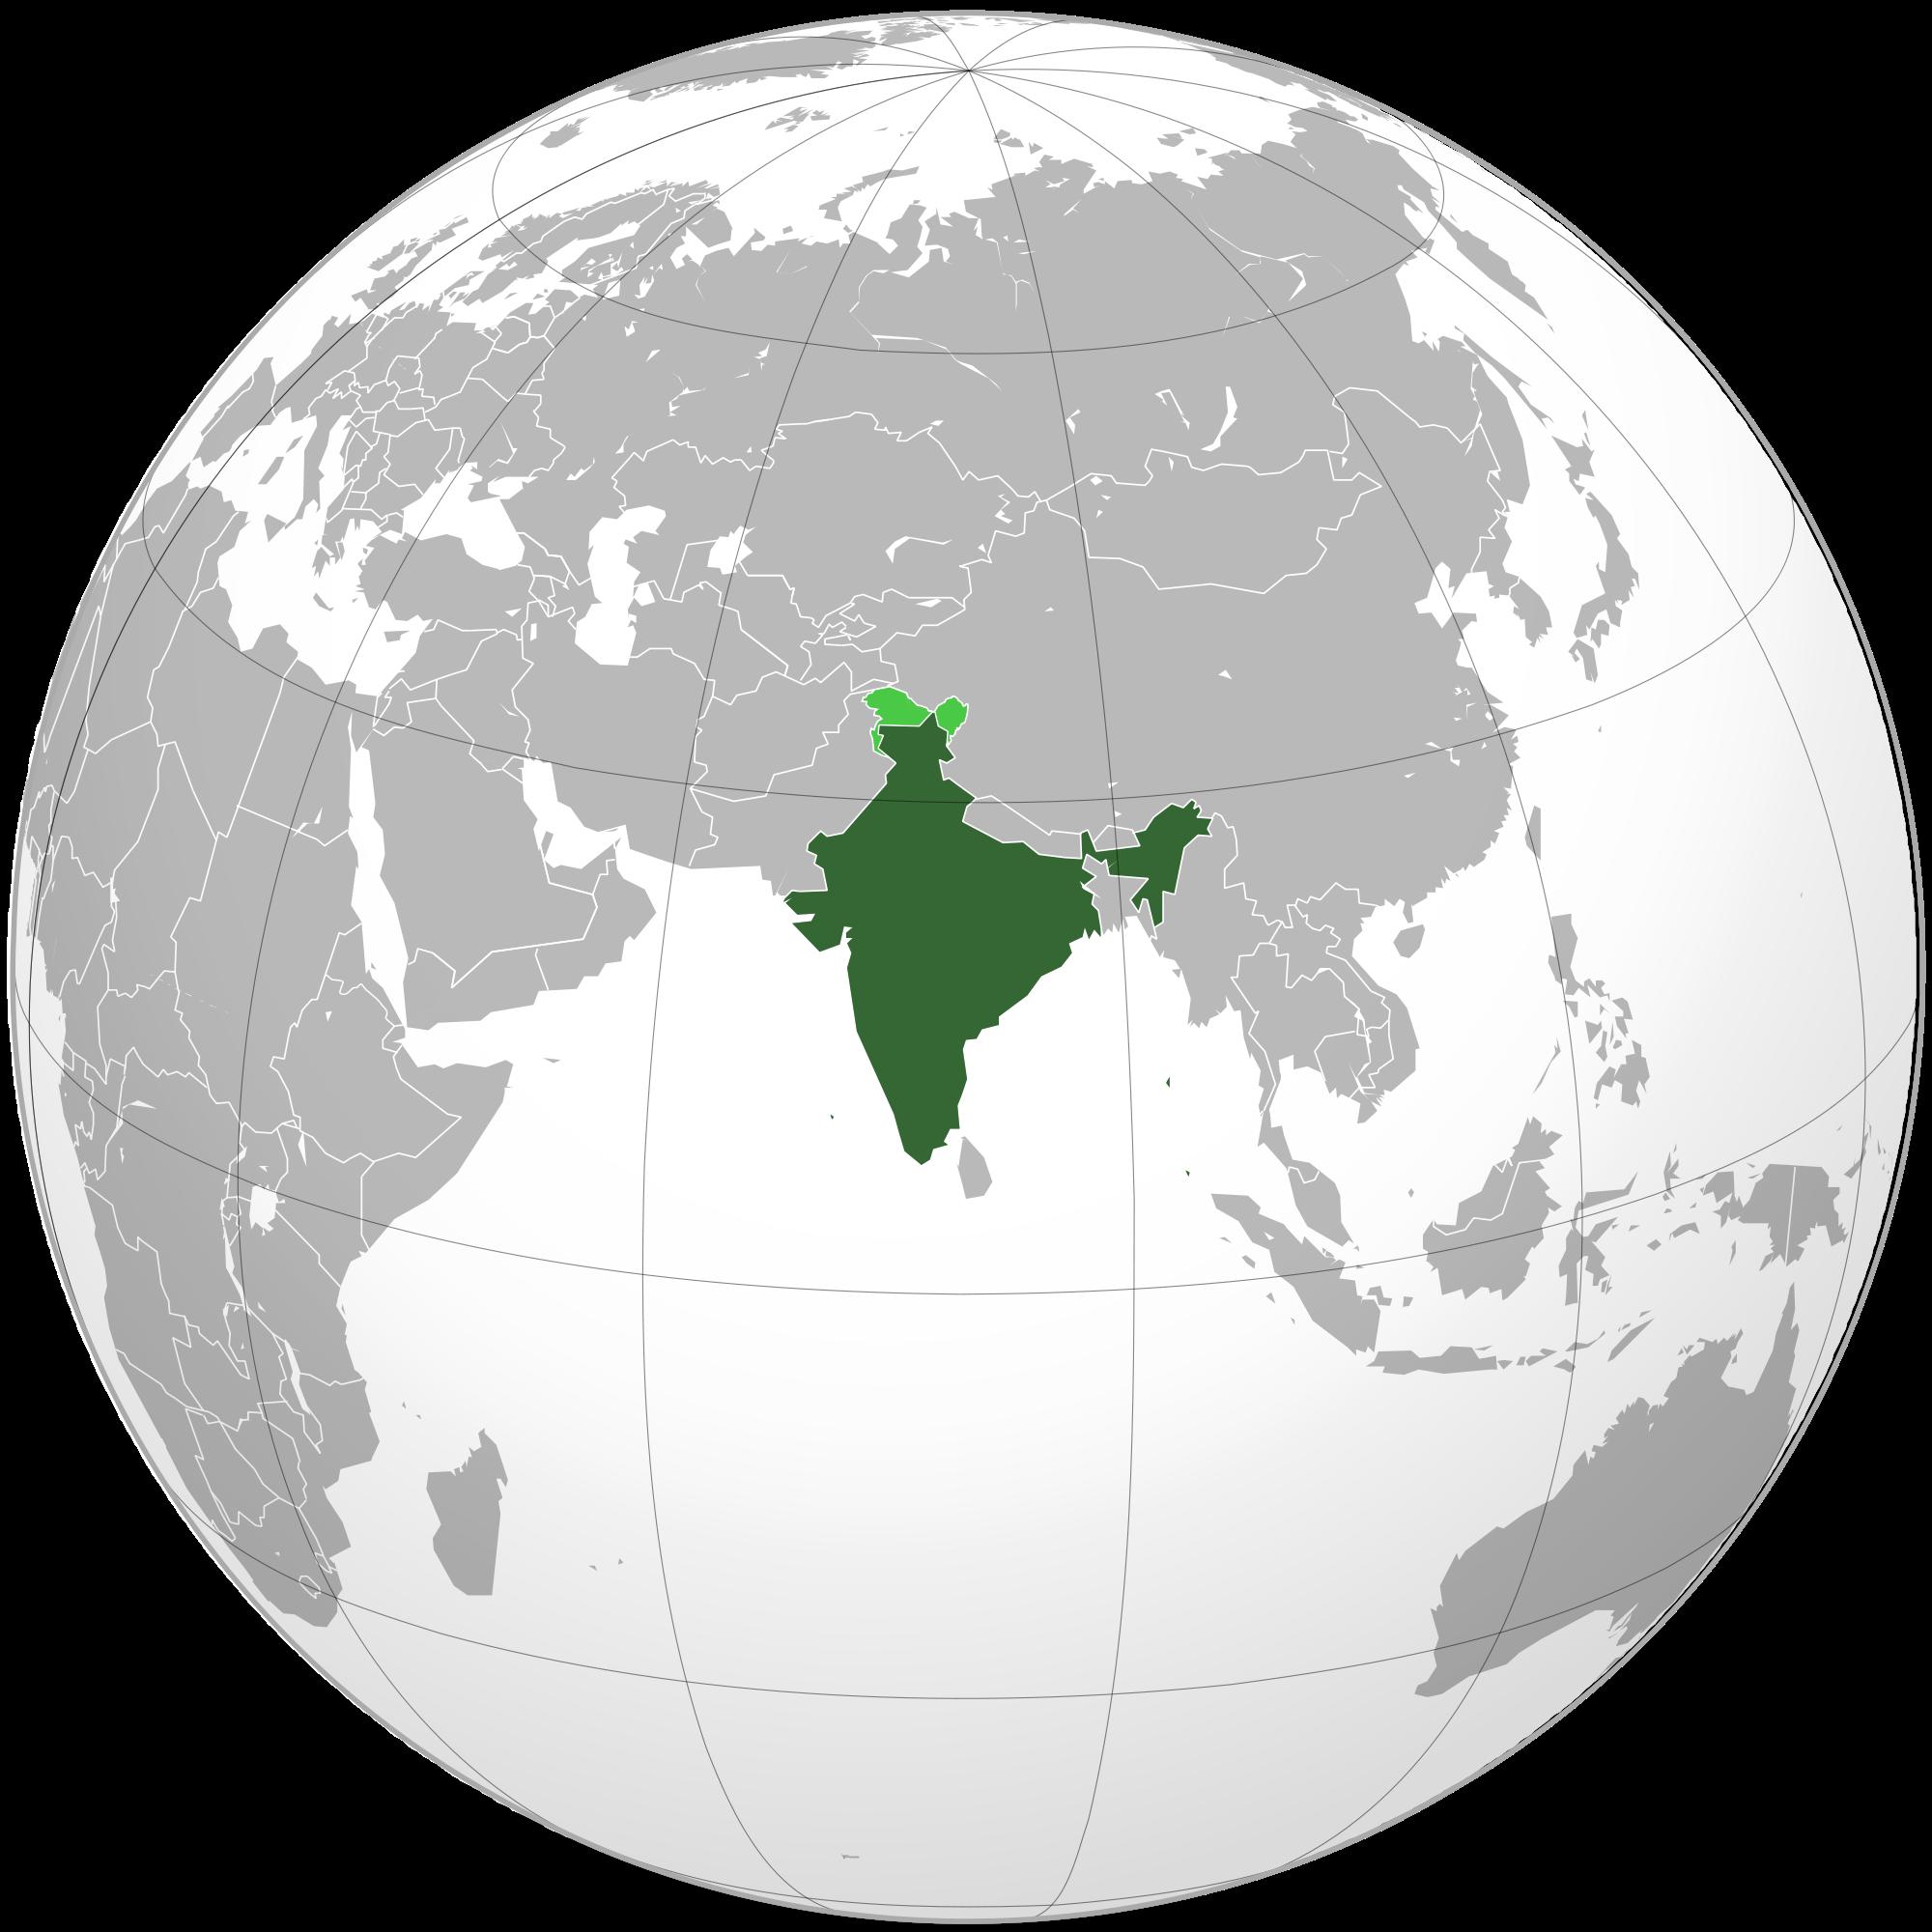 India on world map birthday pinterest india on world map gumiabroncs Images